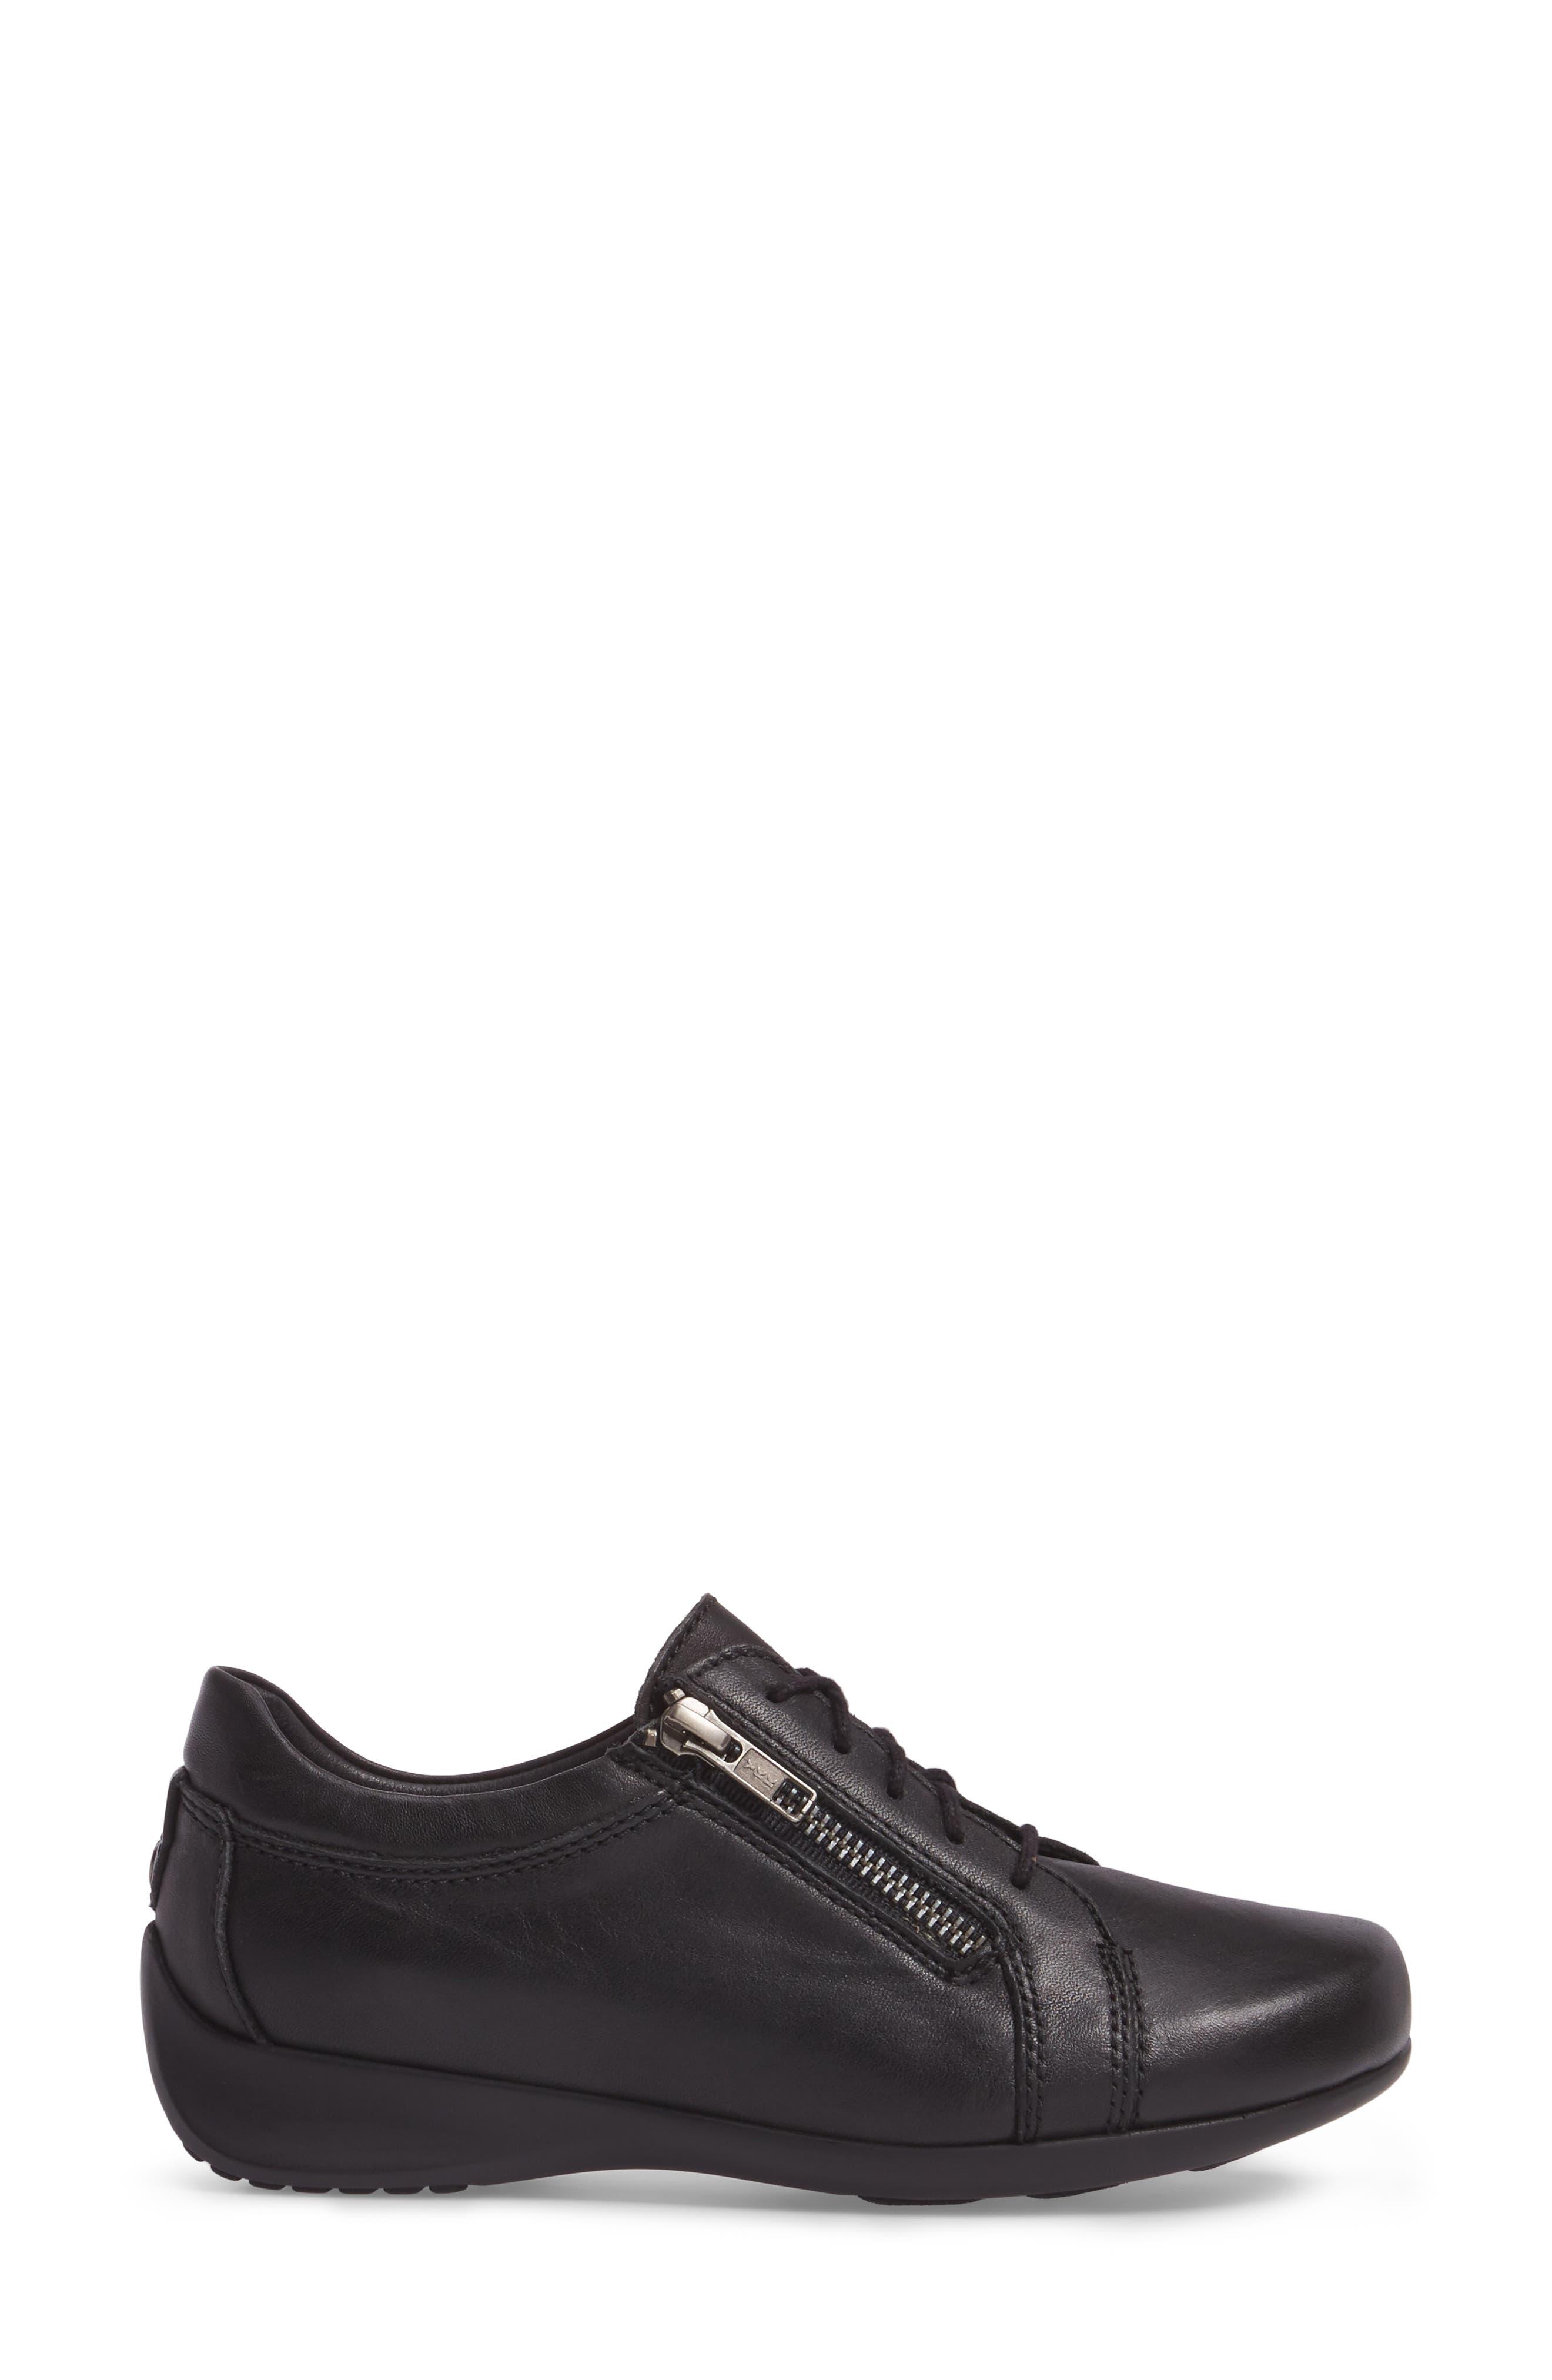 Bonnie Sneaker,                             Alternate thumbnail 3, color,                             Black Leather